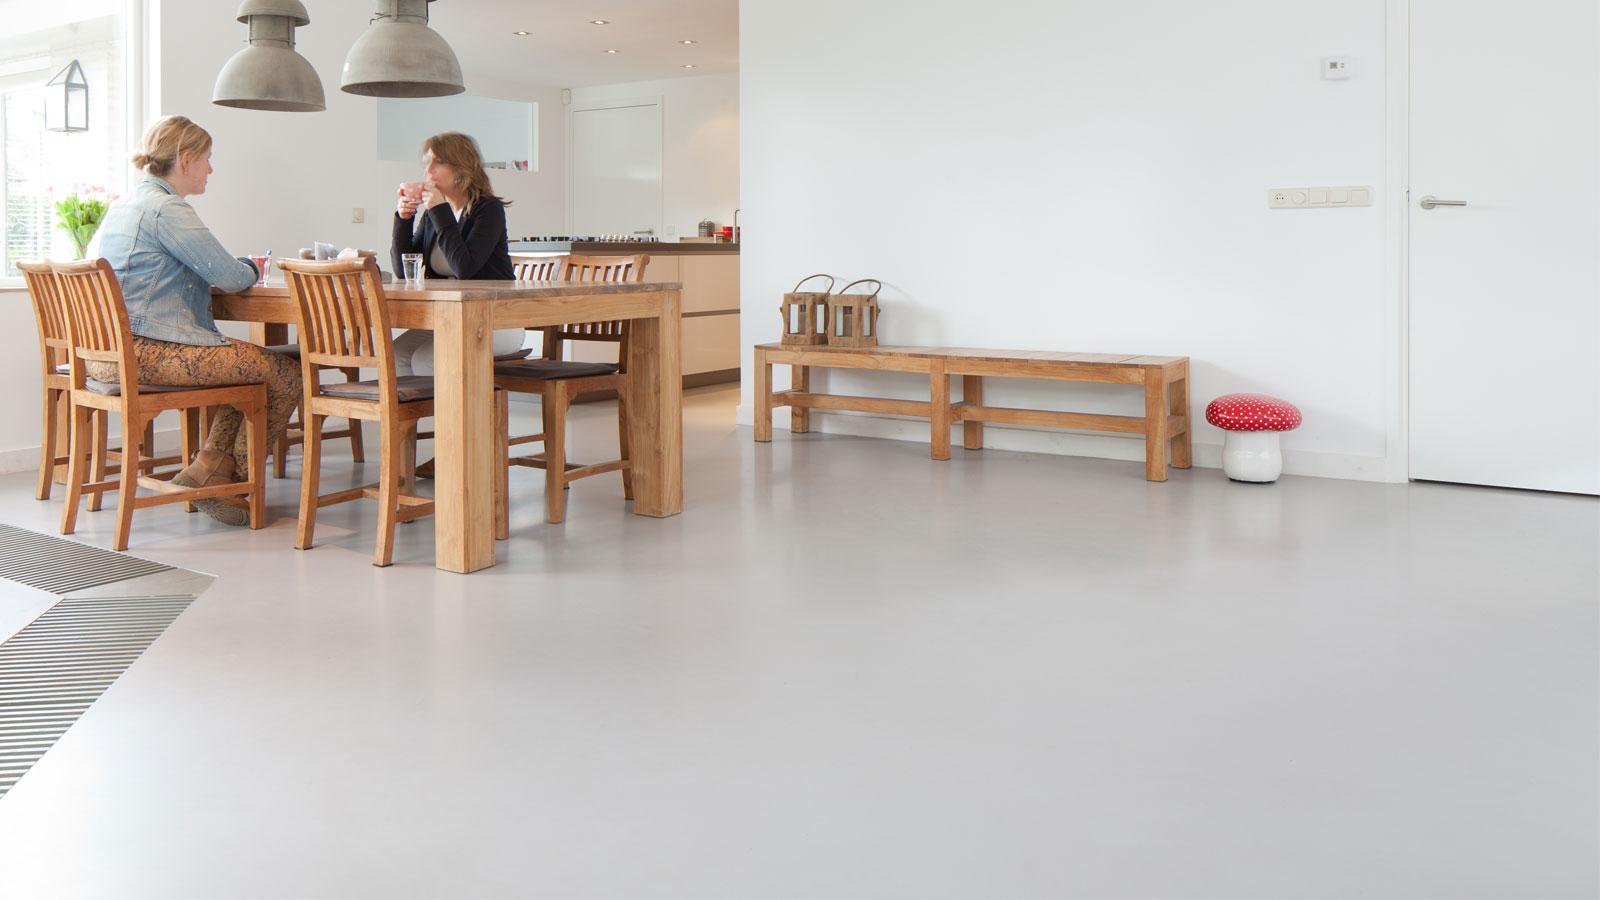 Gietvloer Den Bosch : Gietvloer den bosch creative floors gietvloeren